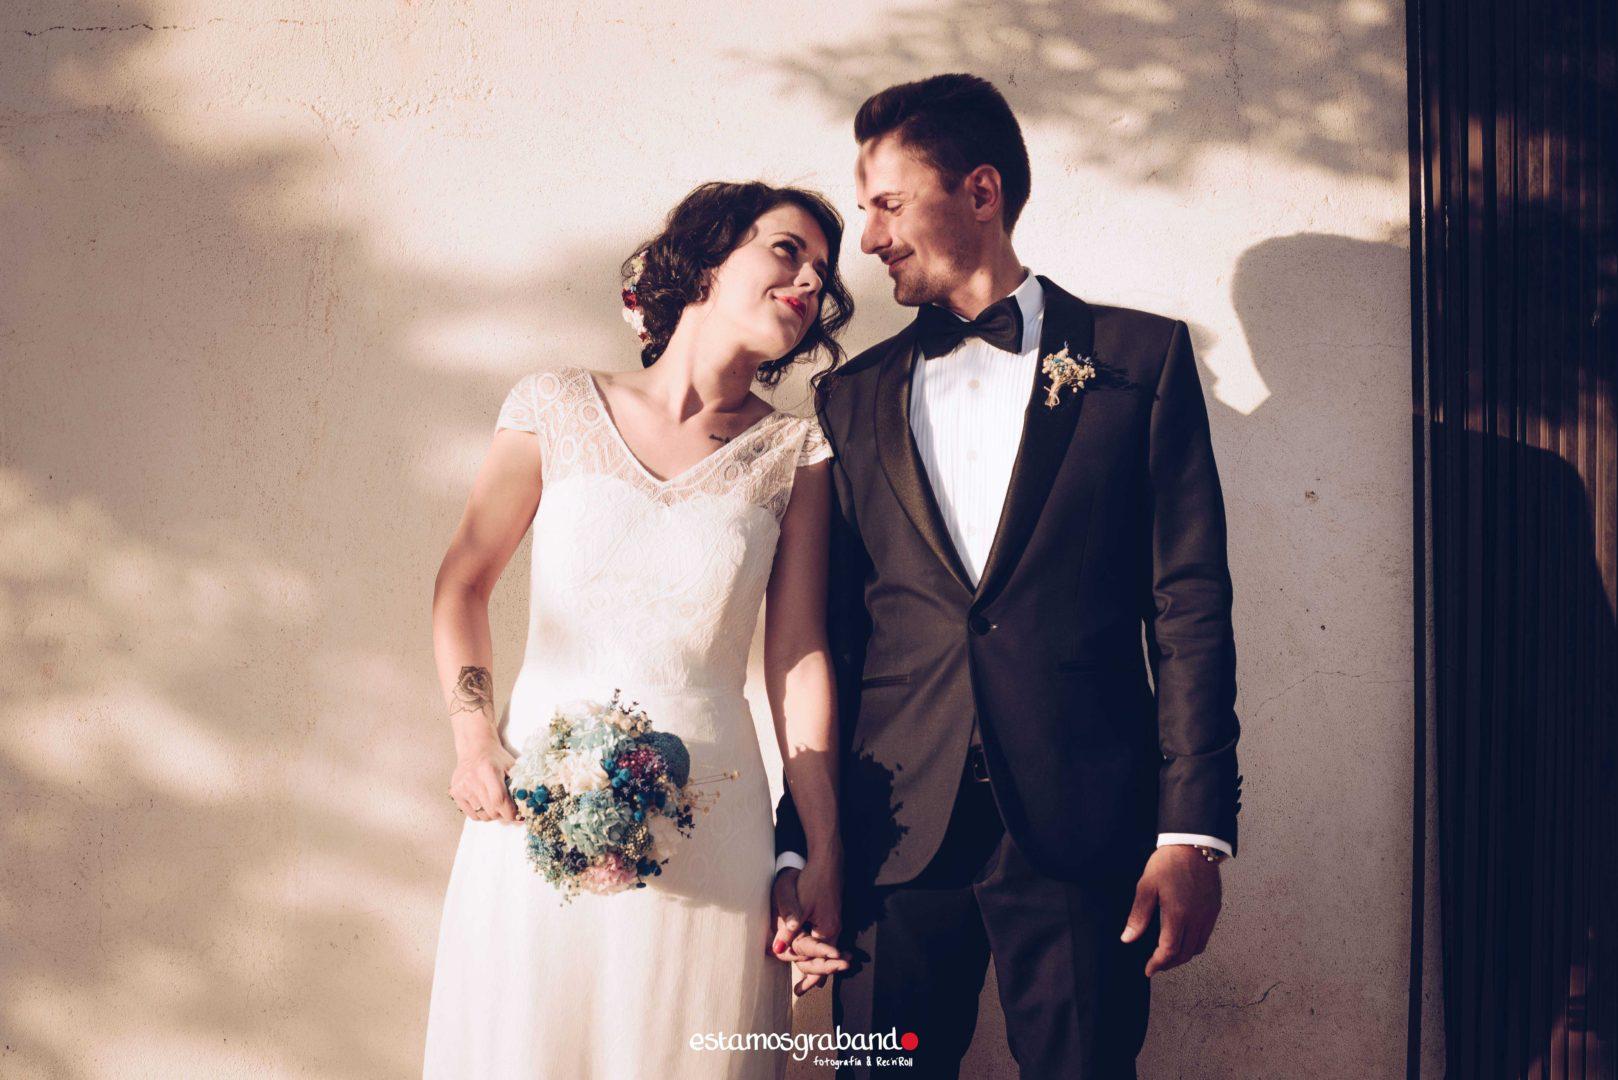 J_C-76-1618x1080 Julián & Cecilia _ Fotografía  de Boda (Ciudad Real) - video boda cadiz